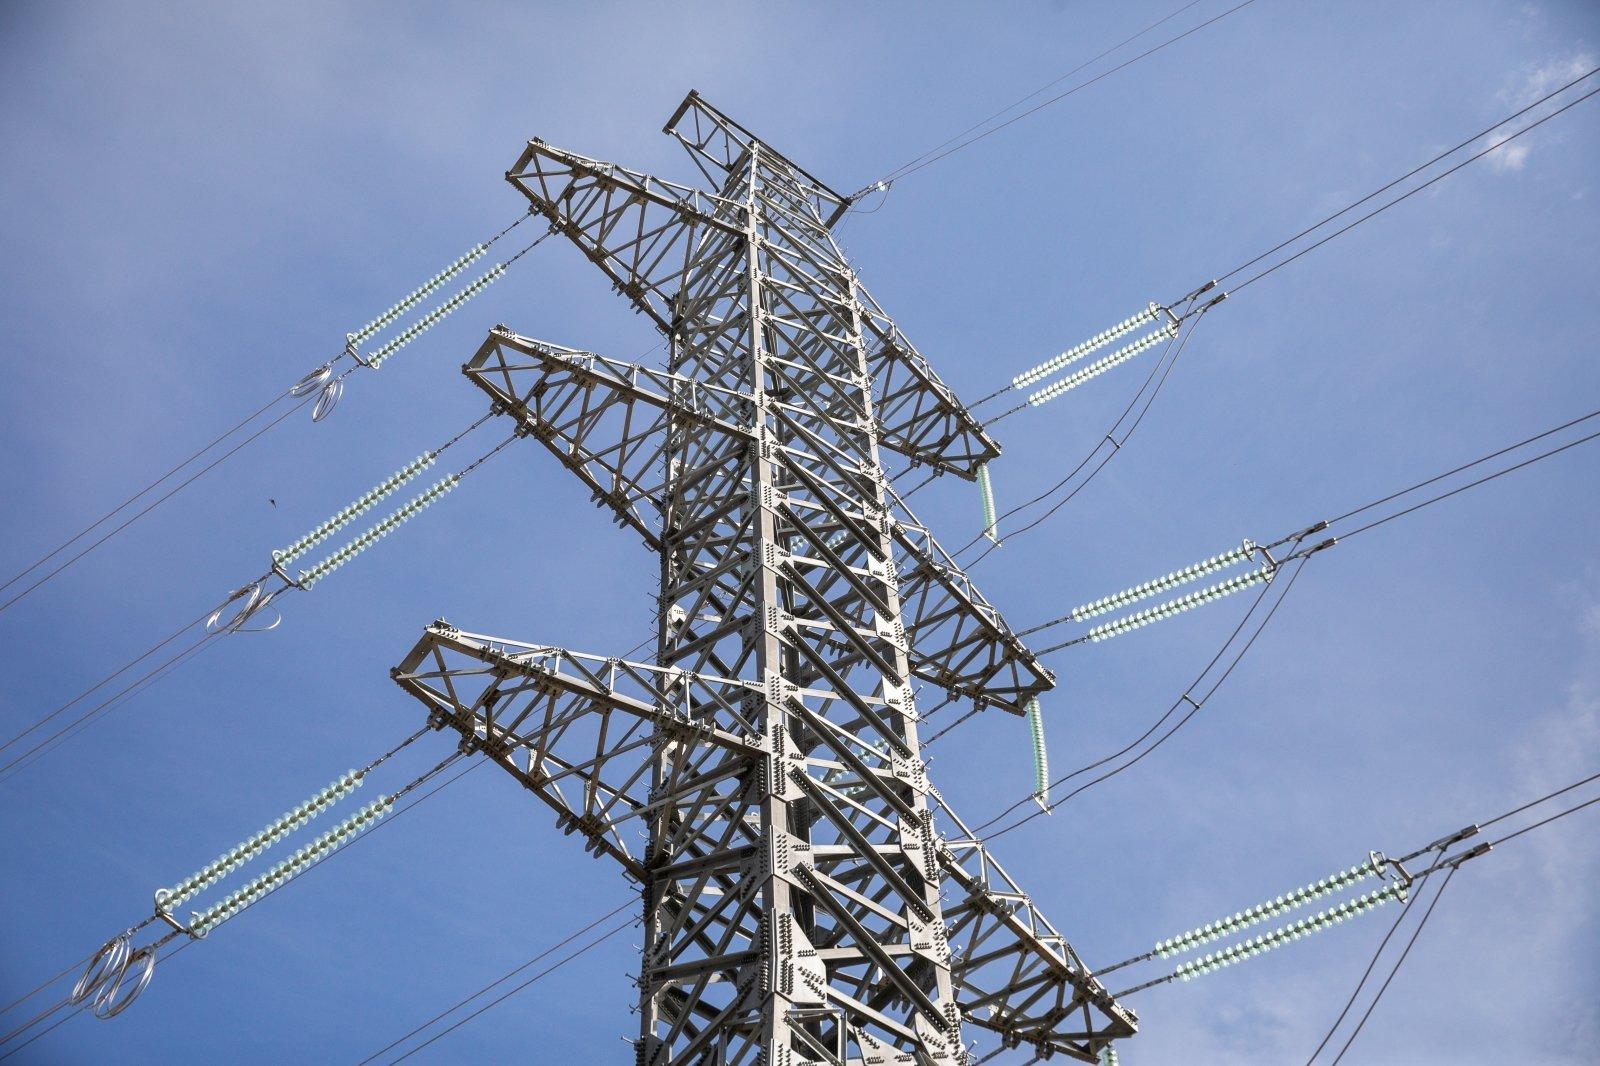 elektros mainų prekybos sistema geriausios etf pasirinkimo strategijos